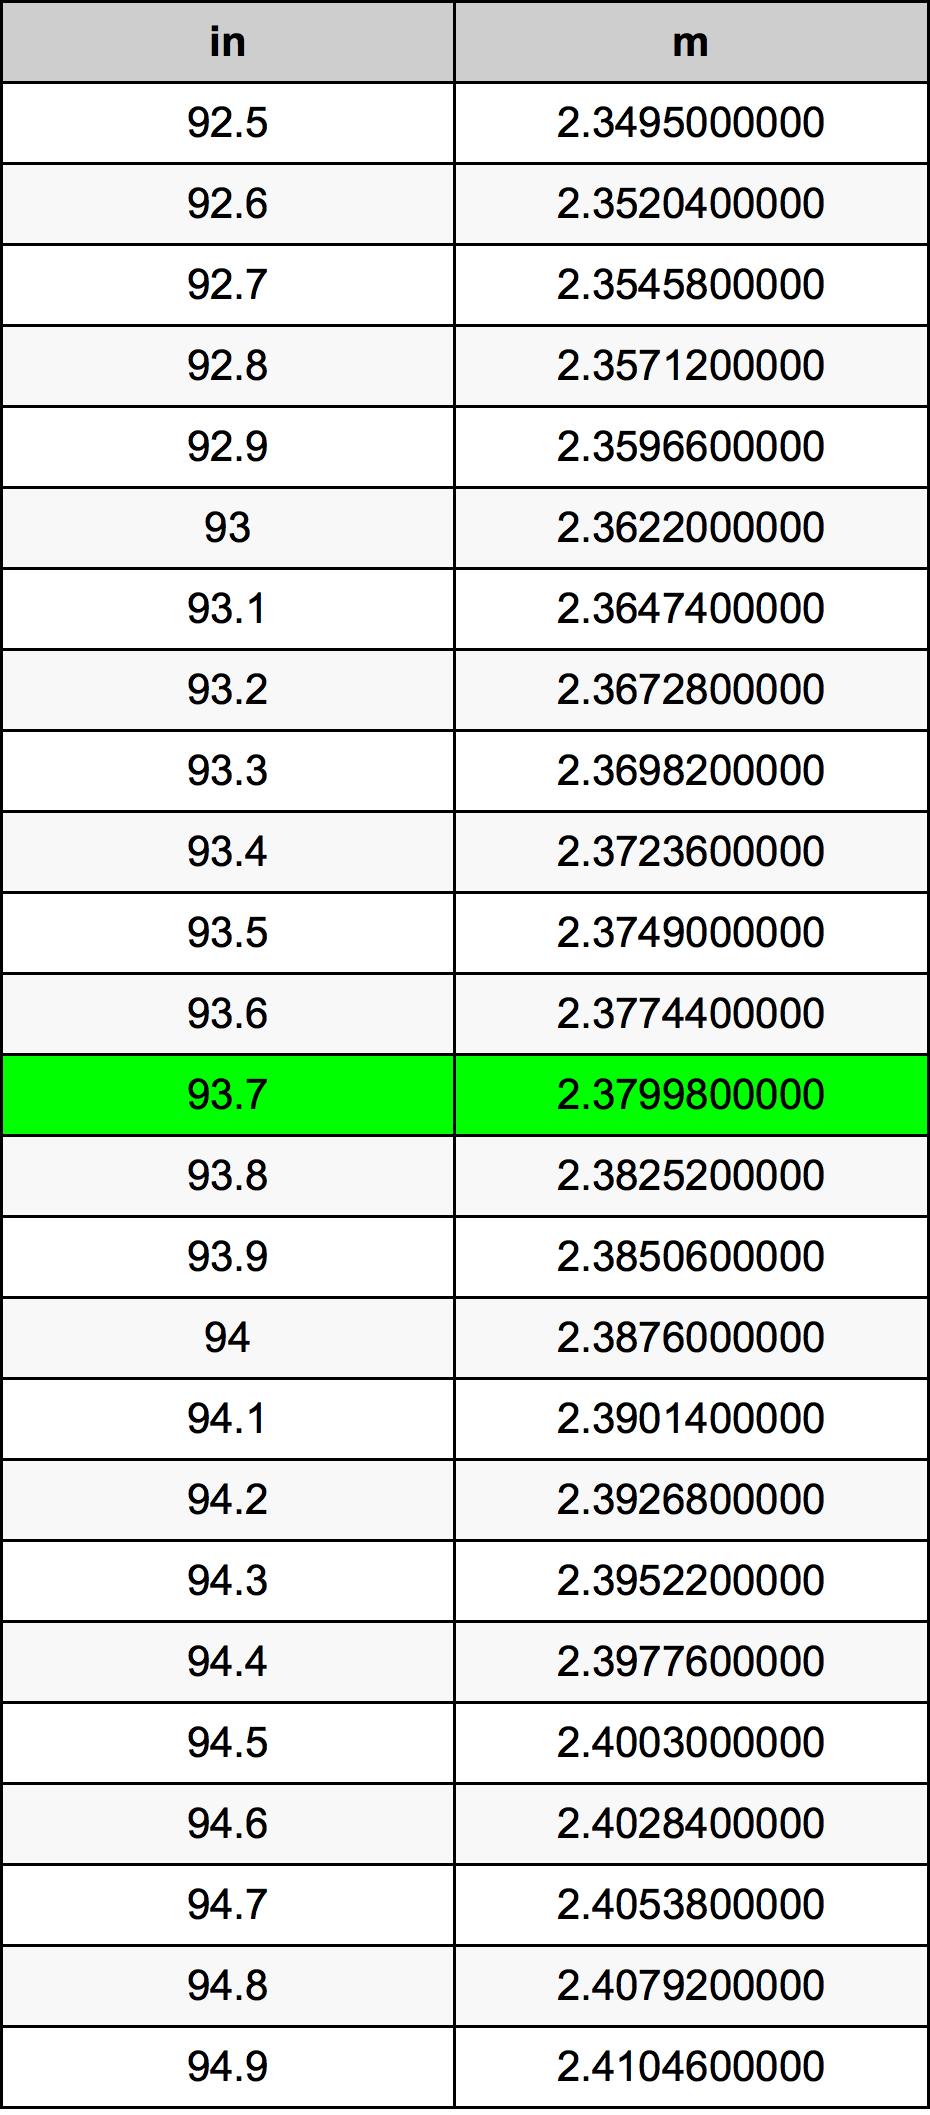 93.7 Pollice tabella di conversione